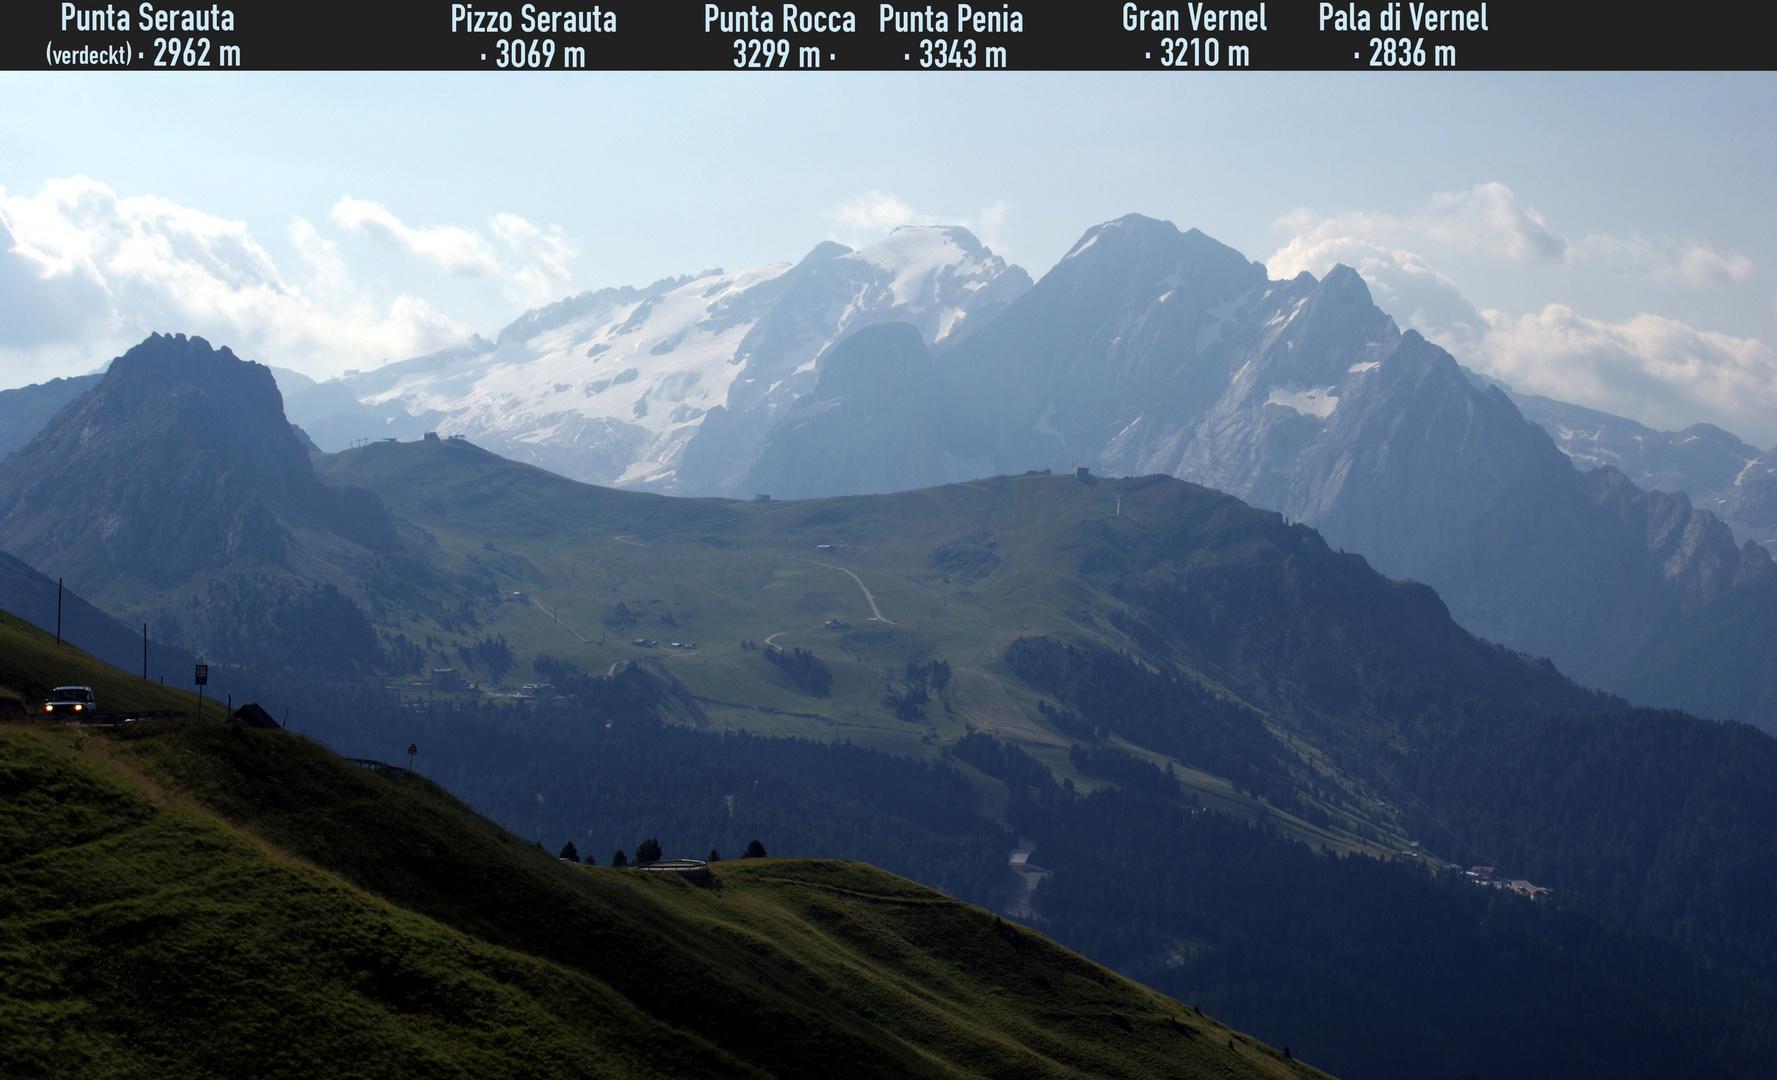 Südtirol: Die Marmolada-Gruppe, vom Pordoi-Joch aus gesehen